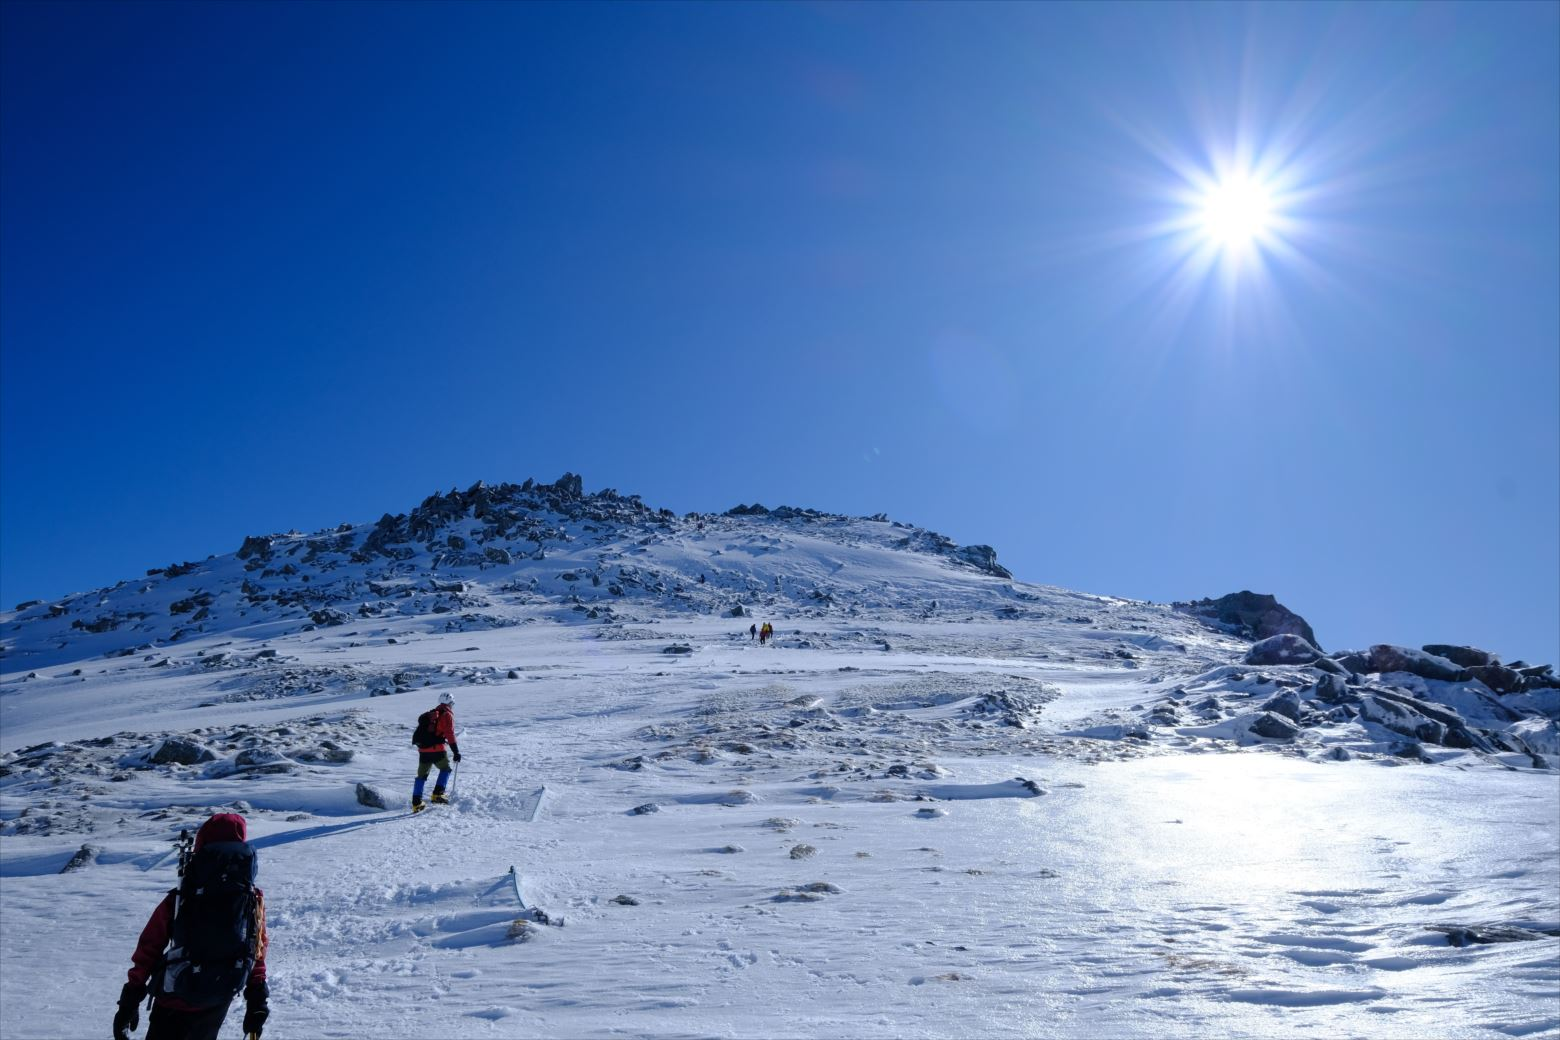 【初冬期・雪山登山】木曽駒ケ岳 (39)